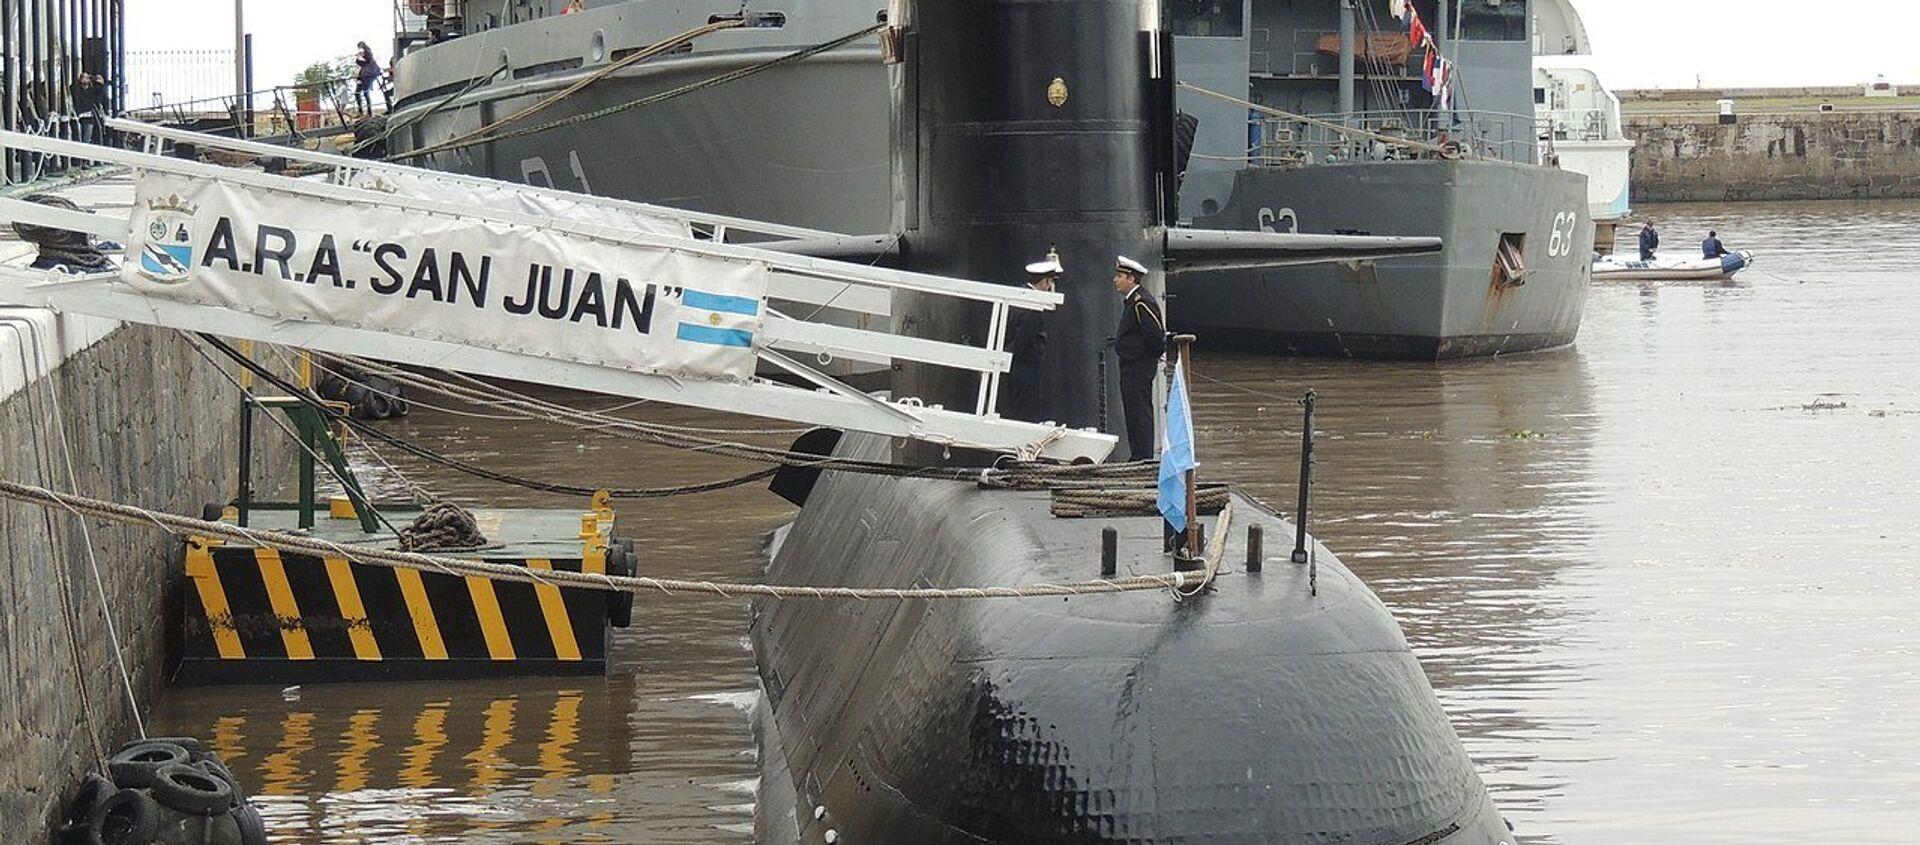 Submarino ARA San Juan en el Apostadero Naval de Buenos Aires, durante una jornada de puertas abiertas en mayo de 2017 por el día de la Armada Argentina.  - Sputnik Mundo, 1920, 27.10.2020